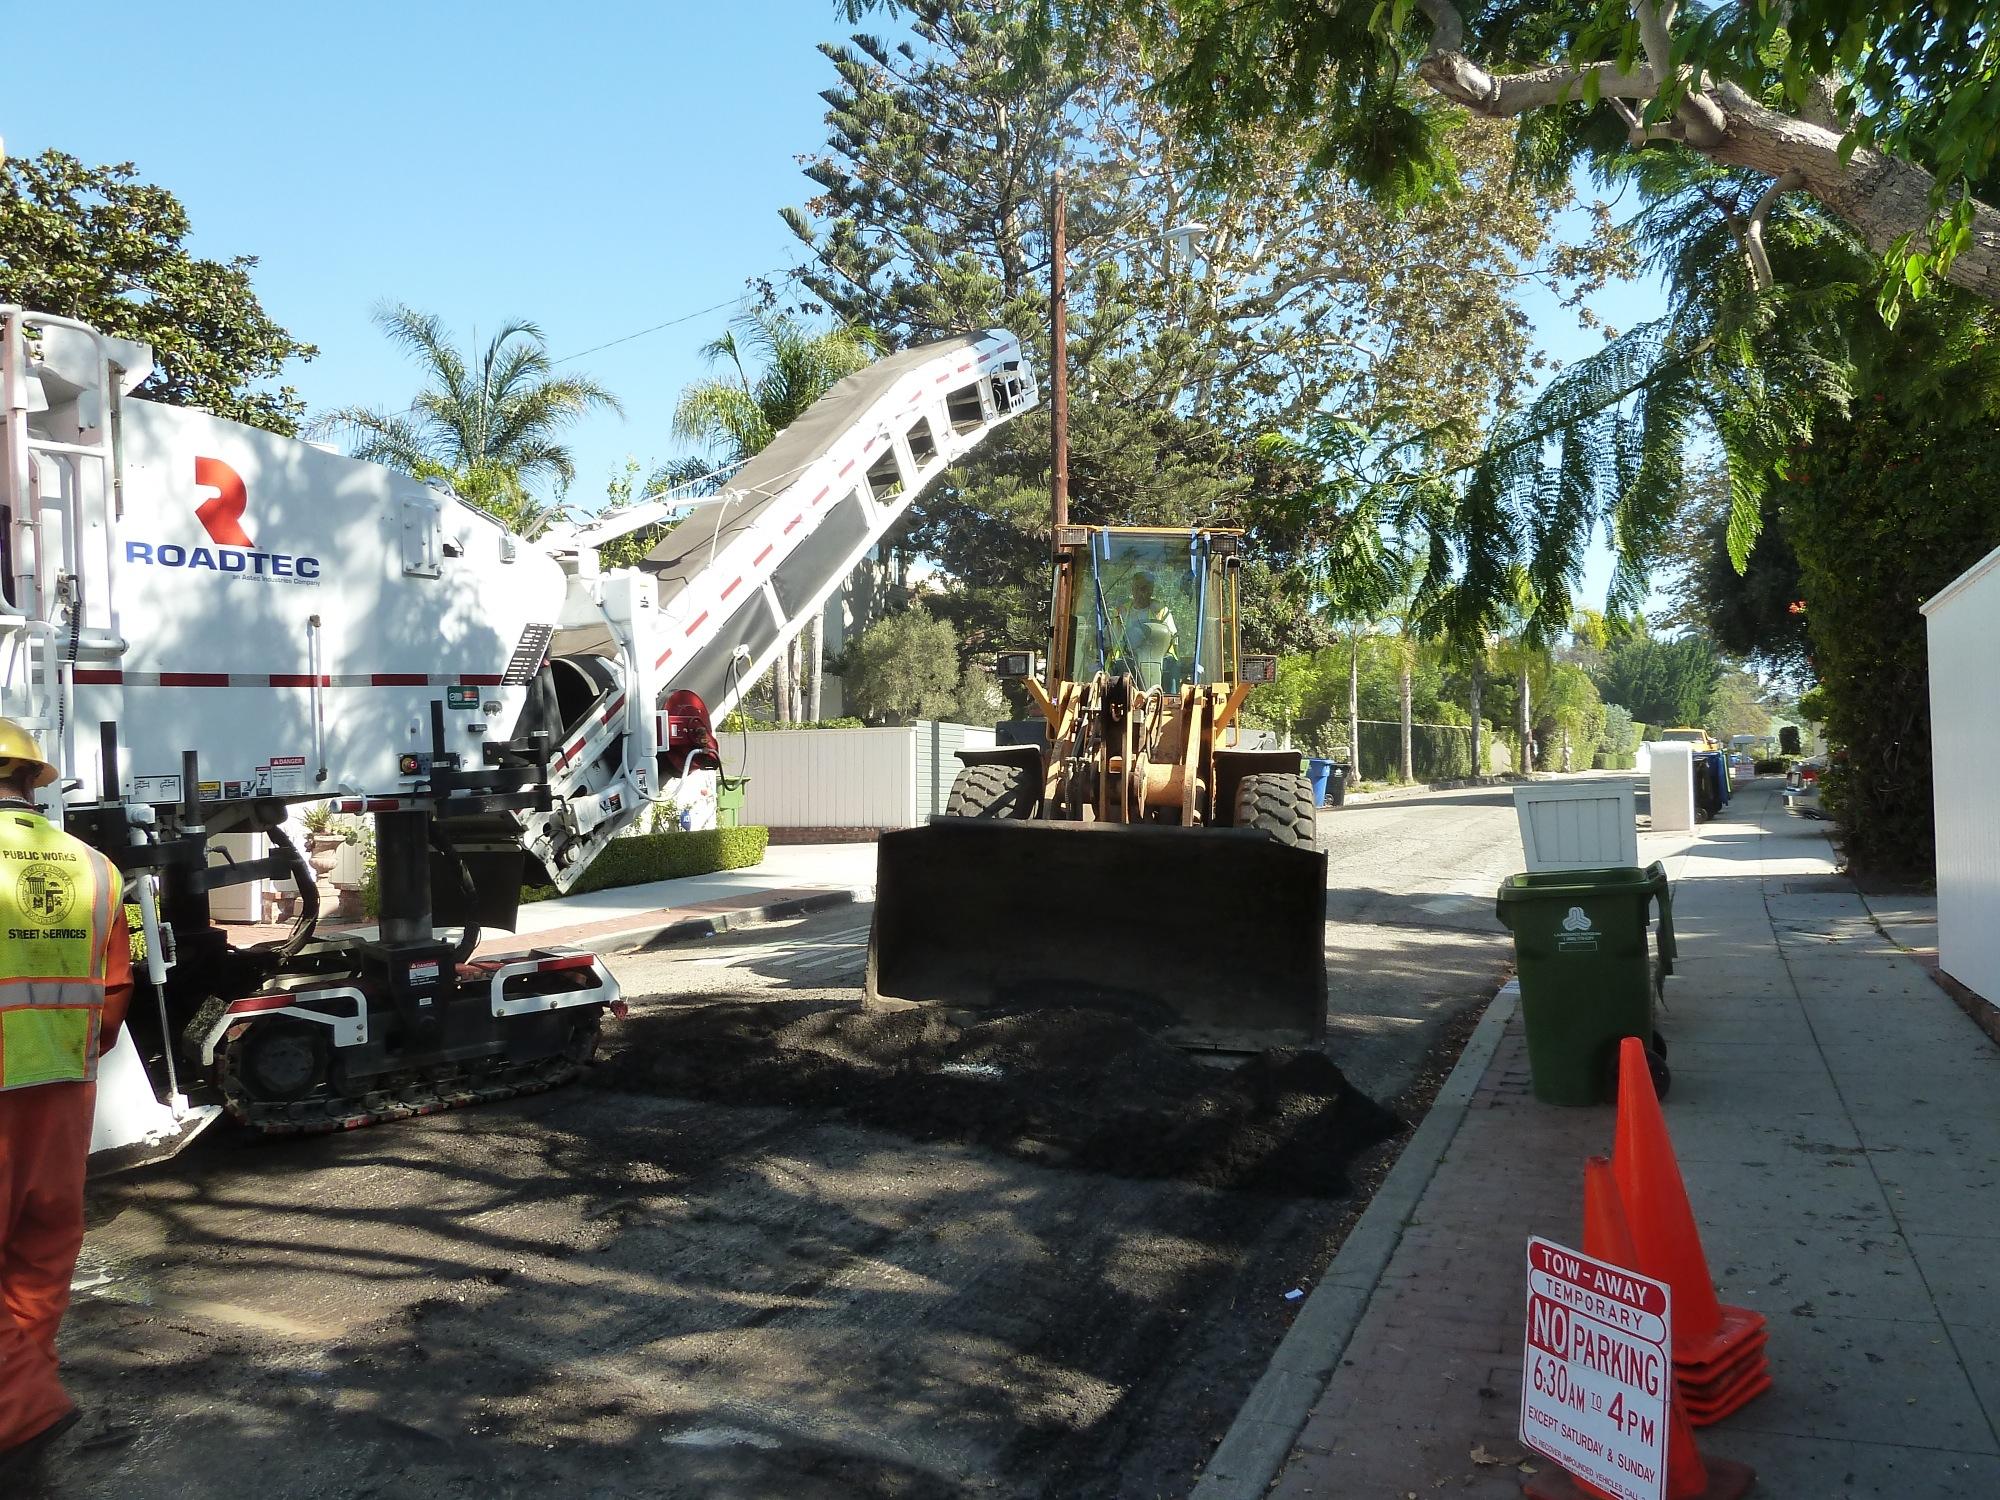 Removing the milled asphalt